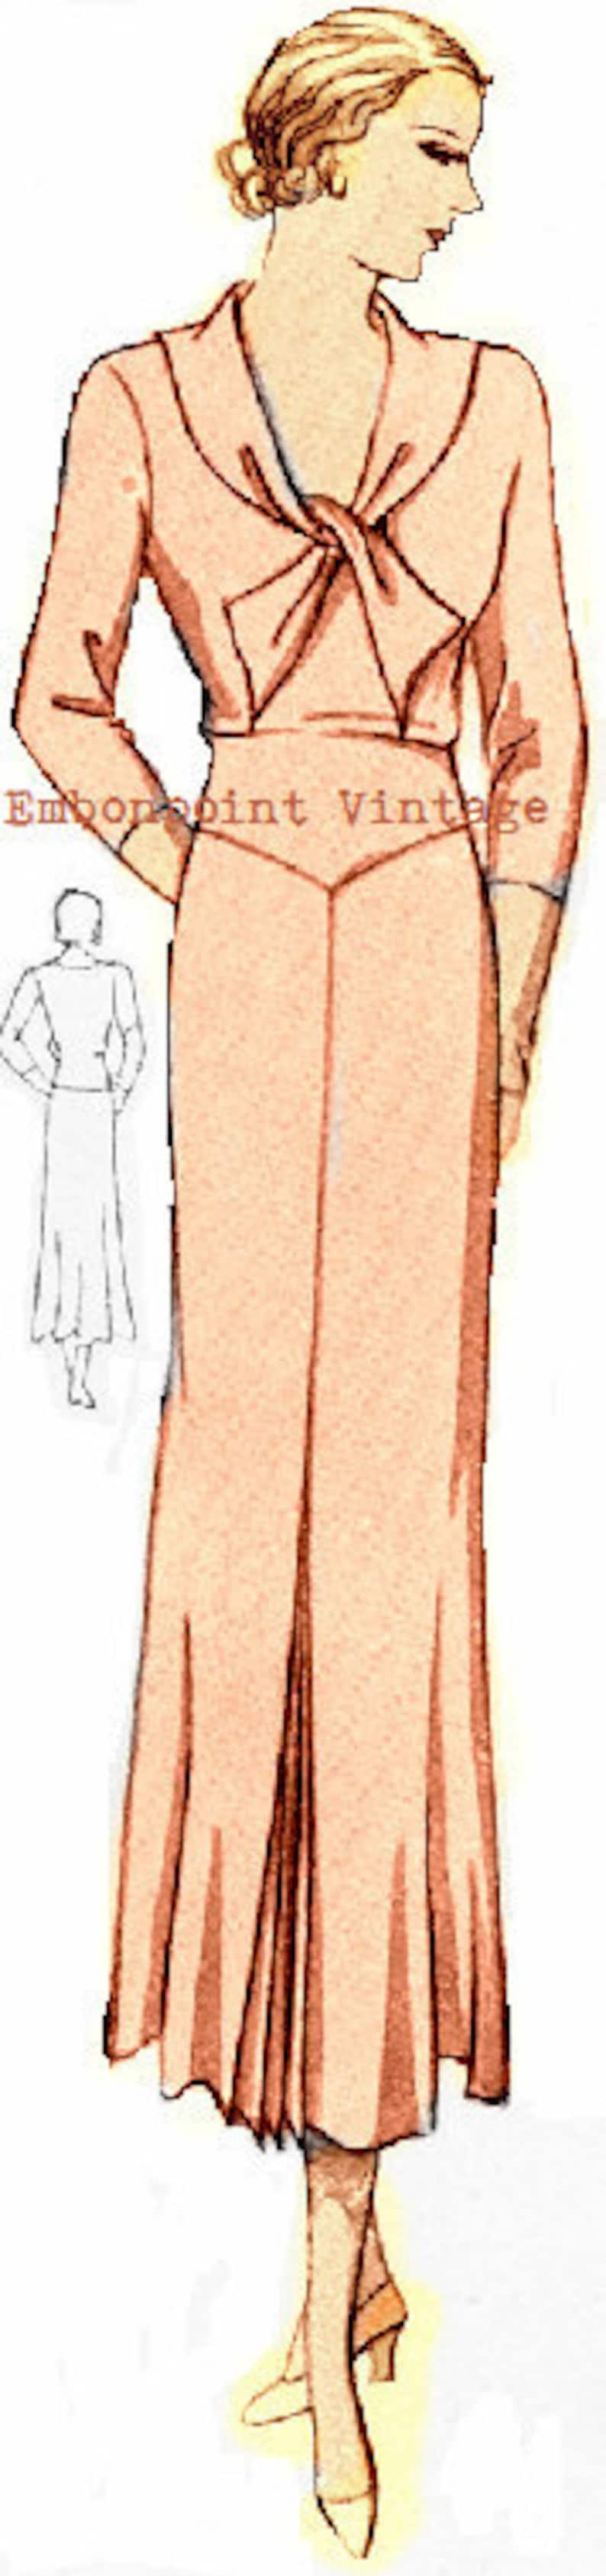 1930s Vintage Dresses, Clothing & Patterns Links Plus Size (or any size) 1934 Vintage Dress Sewing Pattern - PDF - Pattern No 63 Cleo 1930s 30s Instant Download $8.35 AT vintagedancer.com